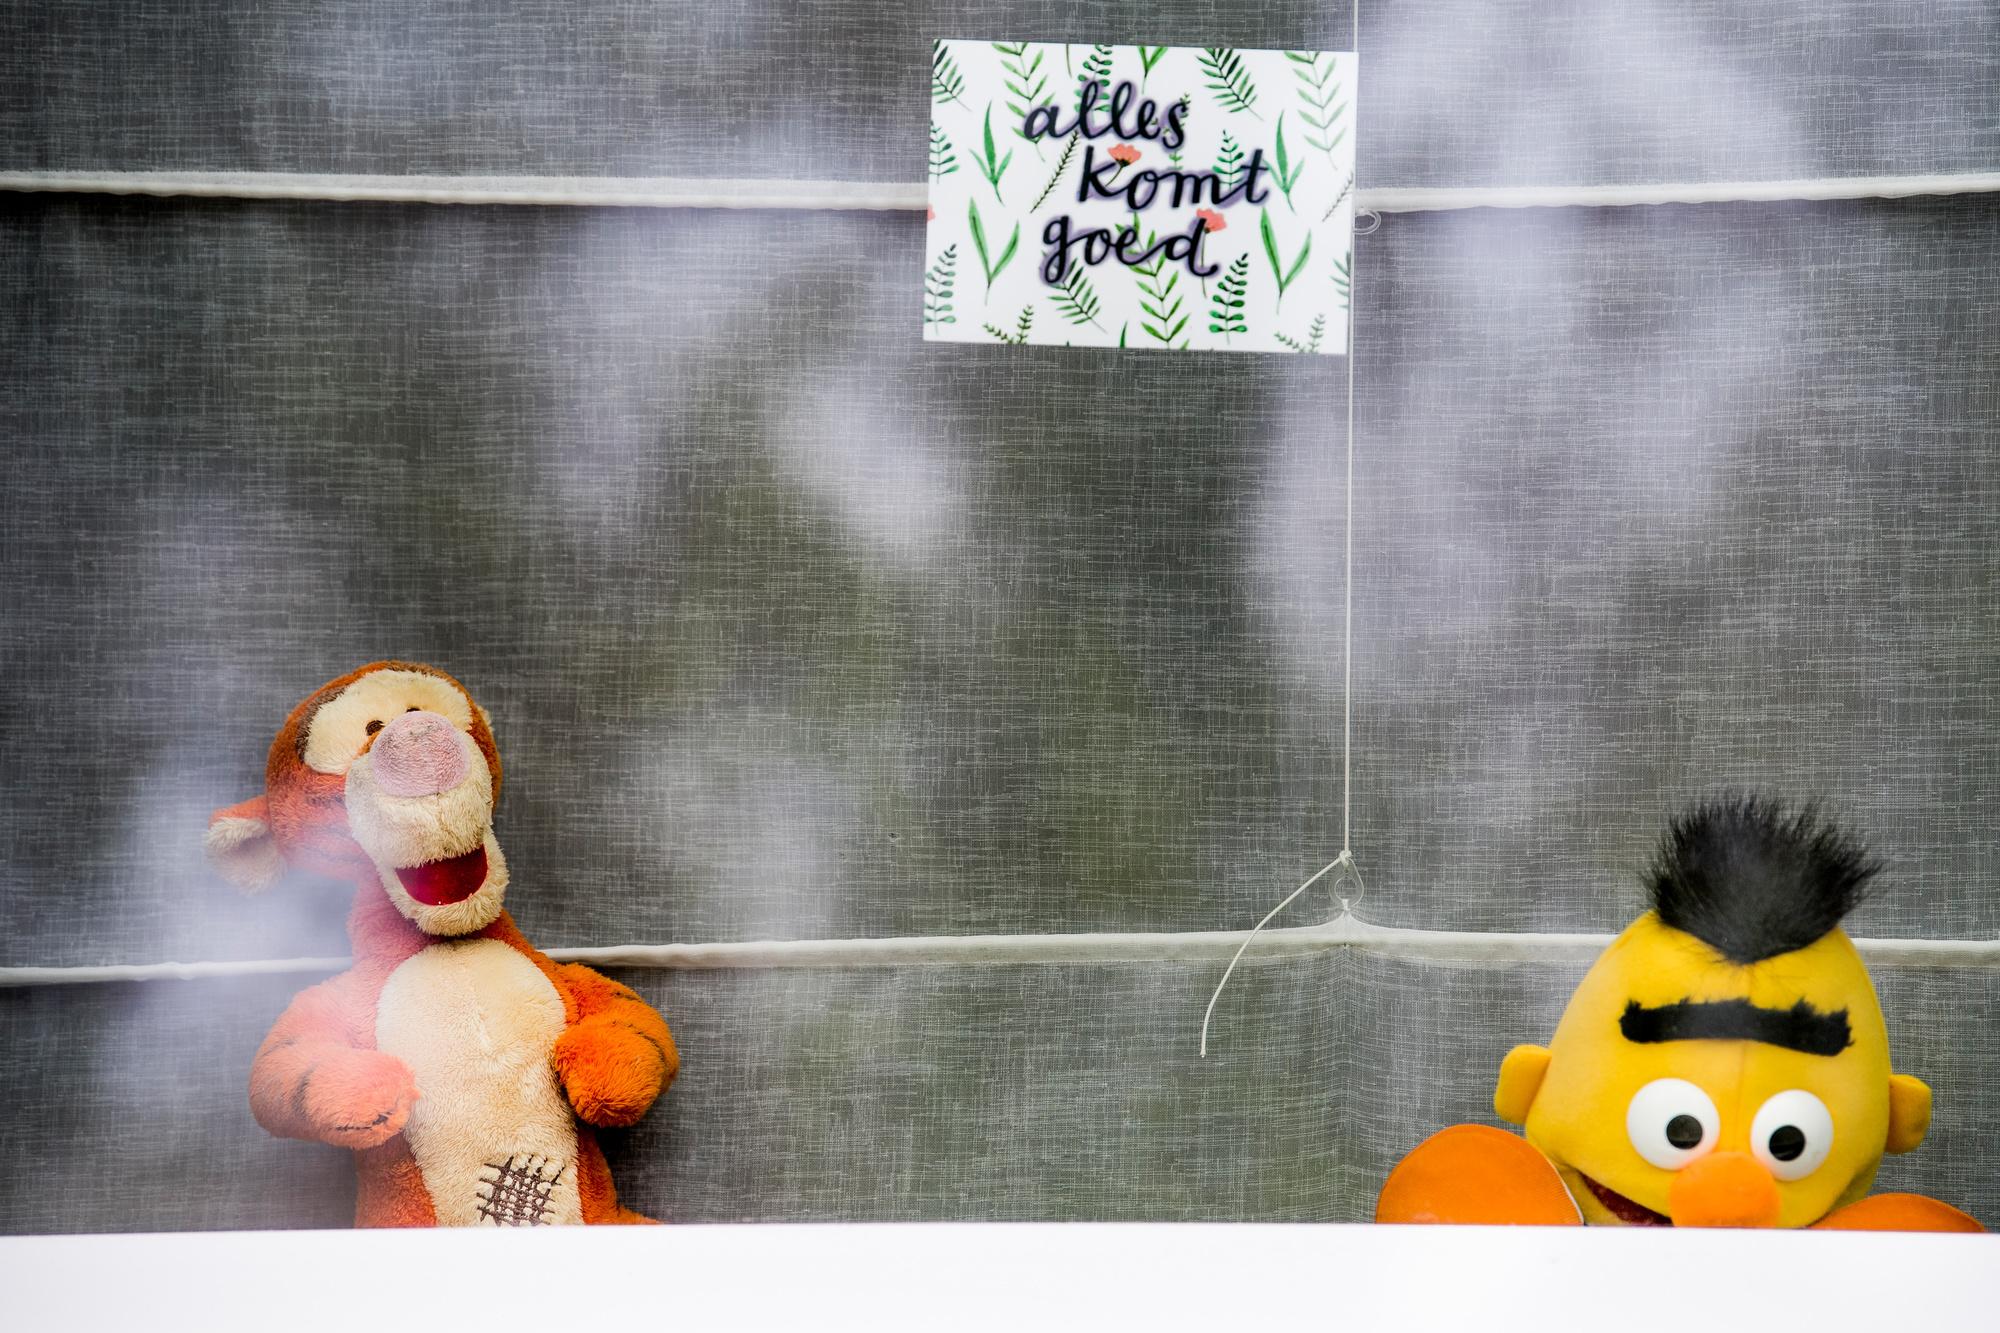 """À Malines, on peut lire """"Alles komt goed"""" (trad. """"Tout ira bien"""") à la fenêtre d'une habitation qui se prête au jeu de la chasse aux ours en peluche., belga"""